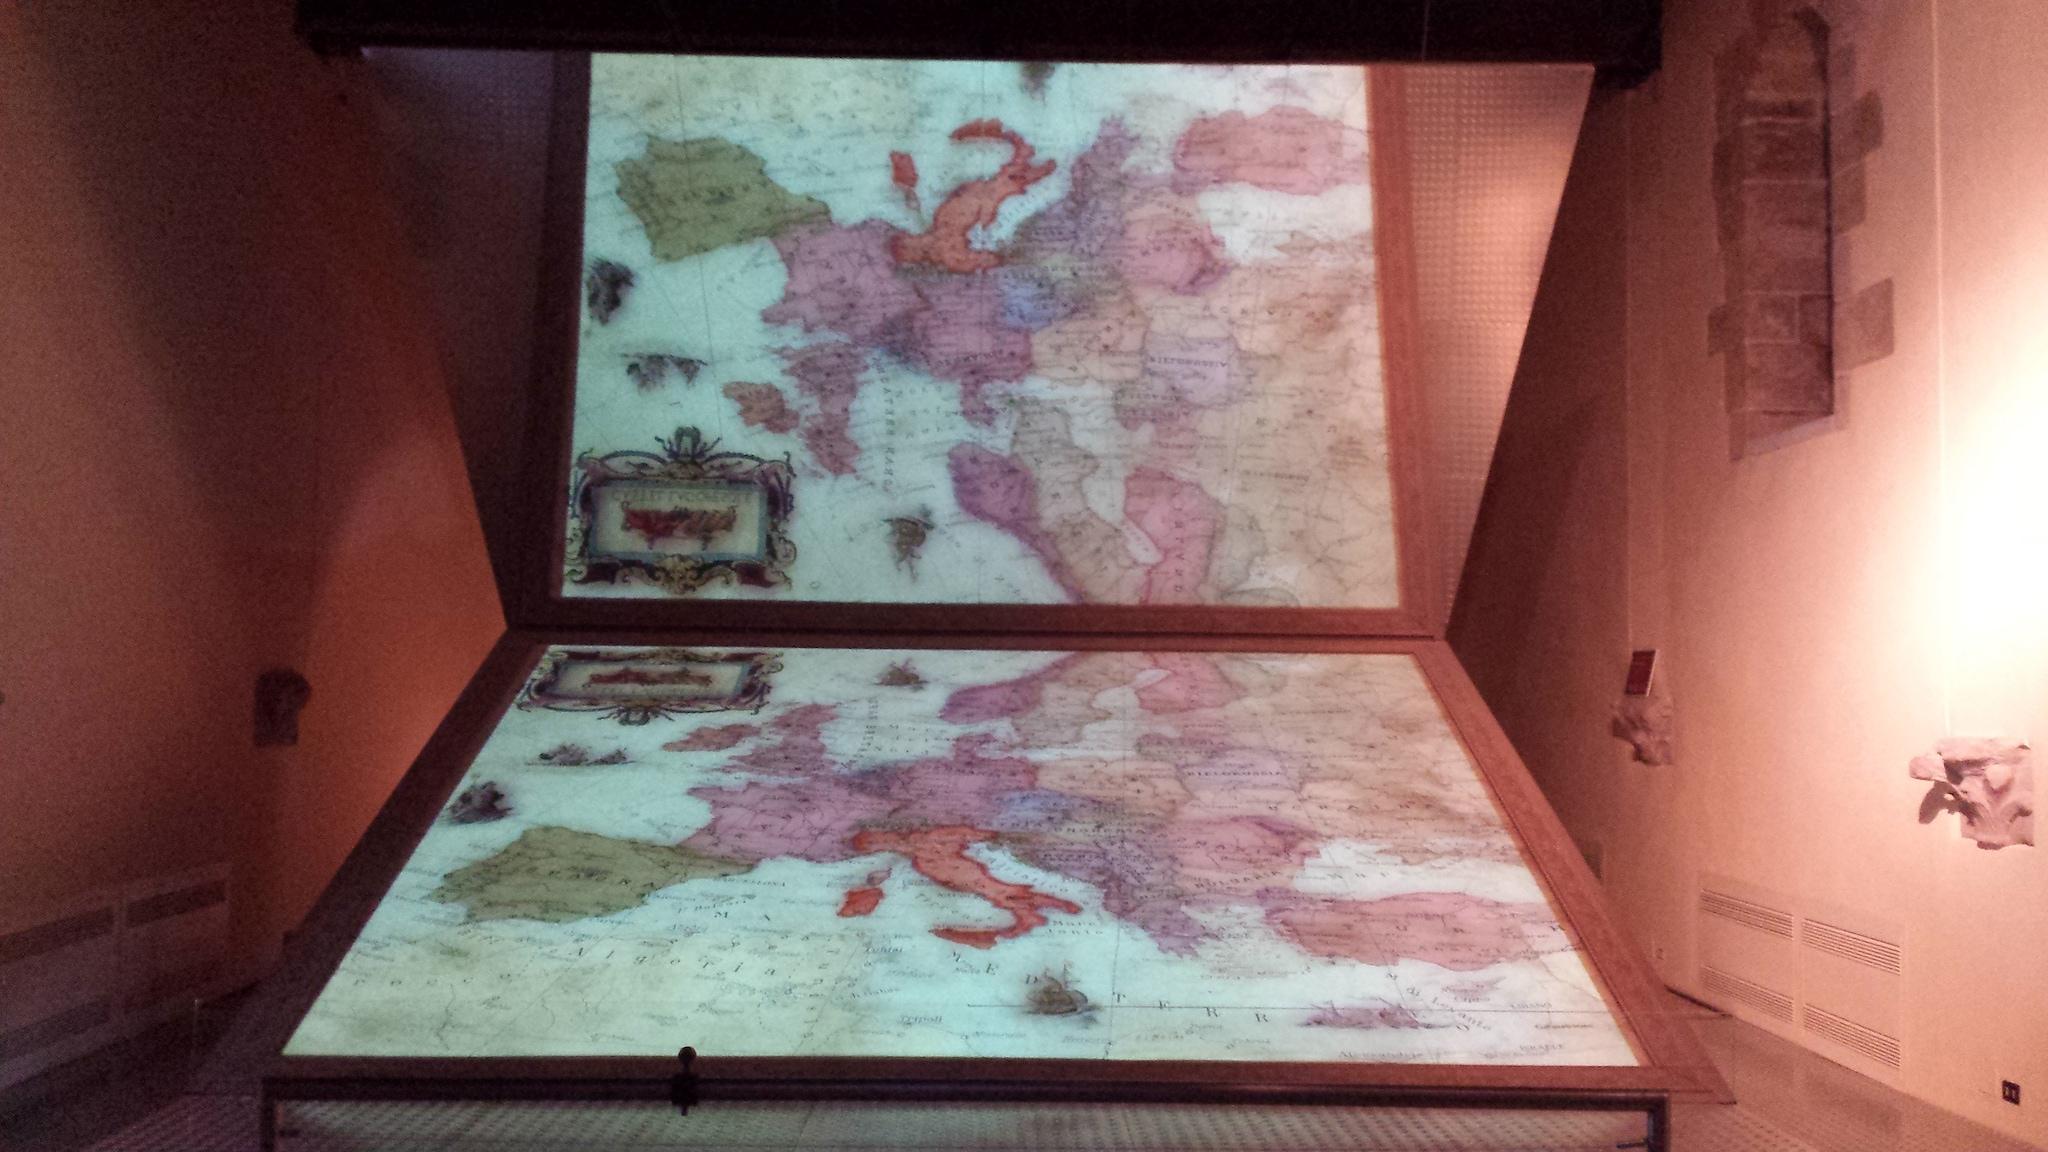 La cartina dell'Europa – Foto di Marcello Ravveduto